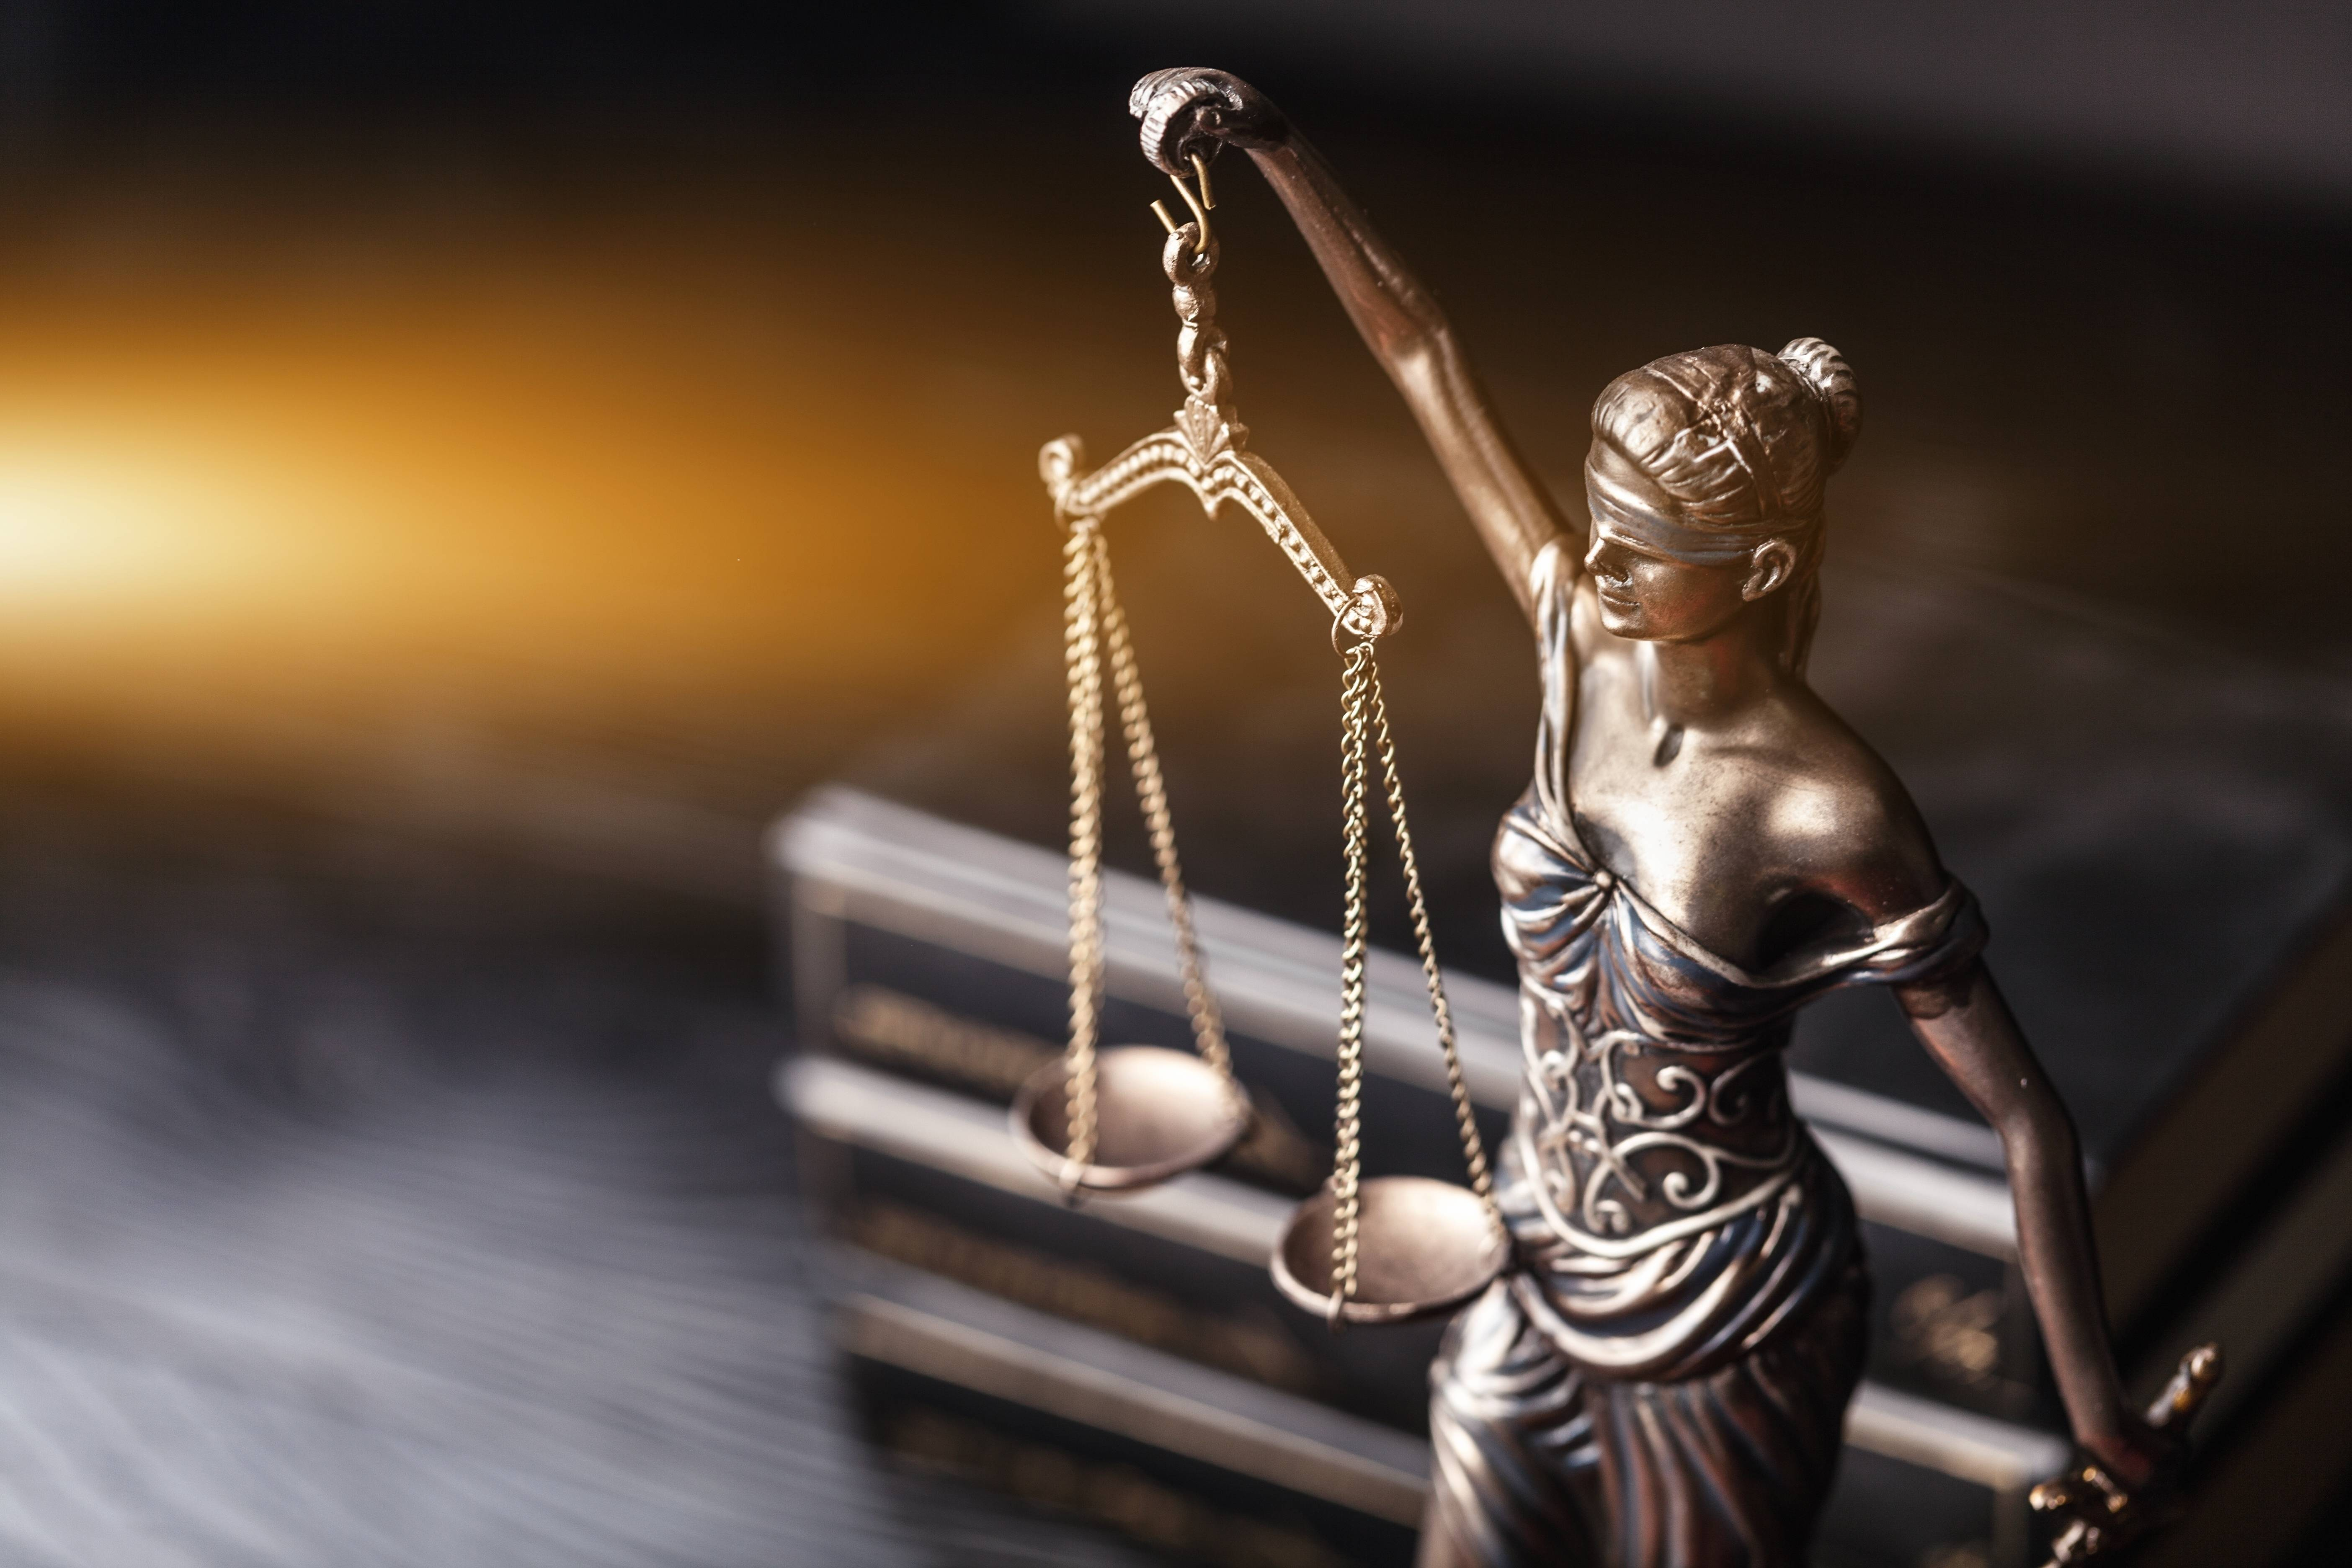 Asesoramiento jurídico de confianza